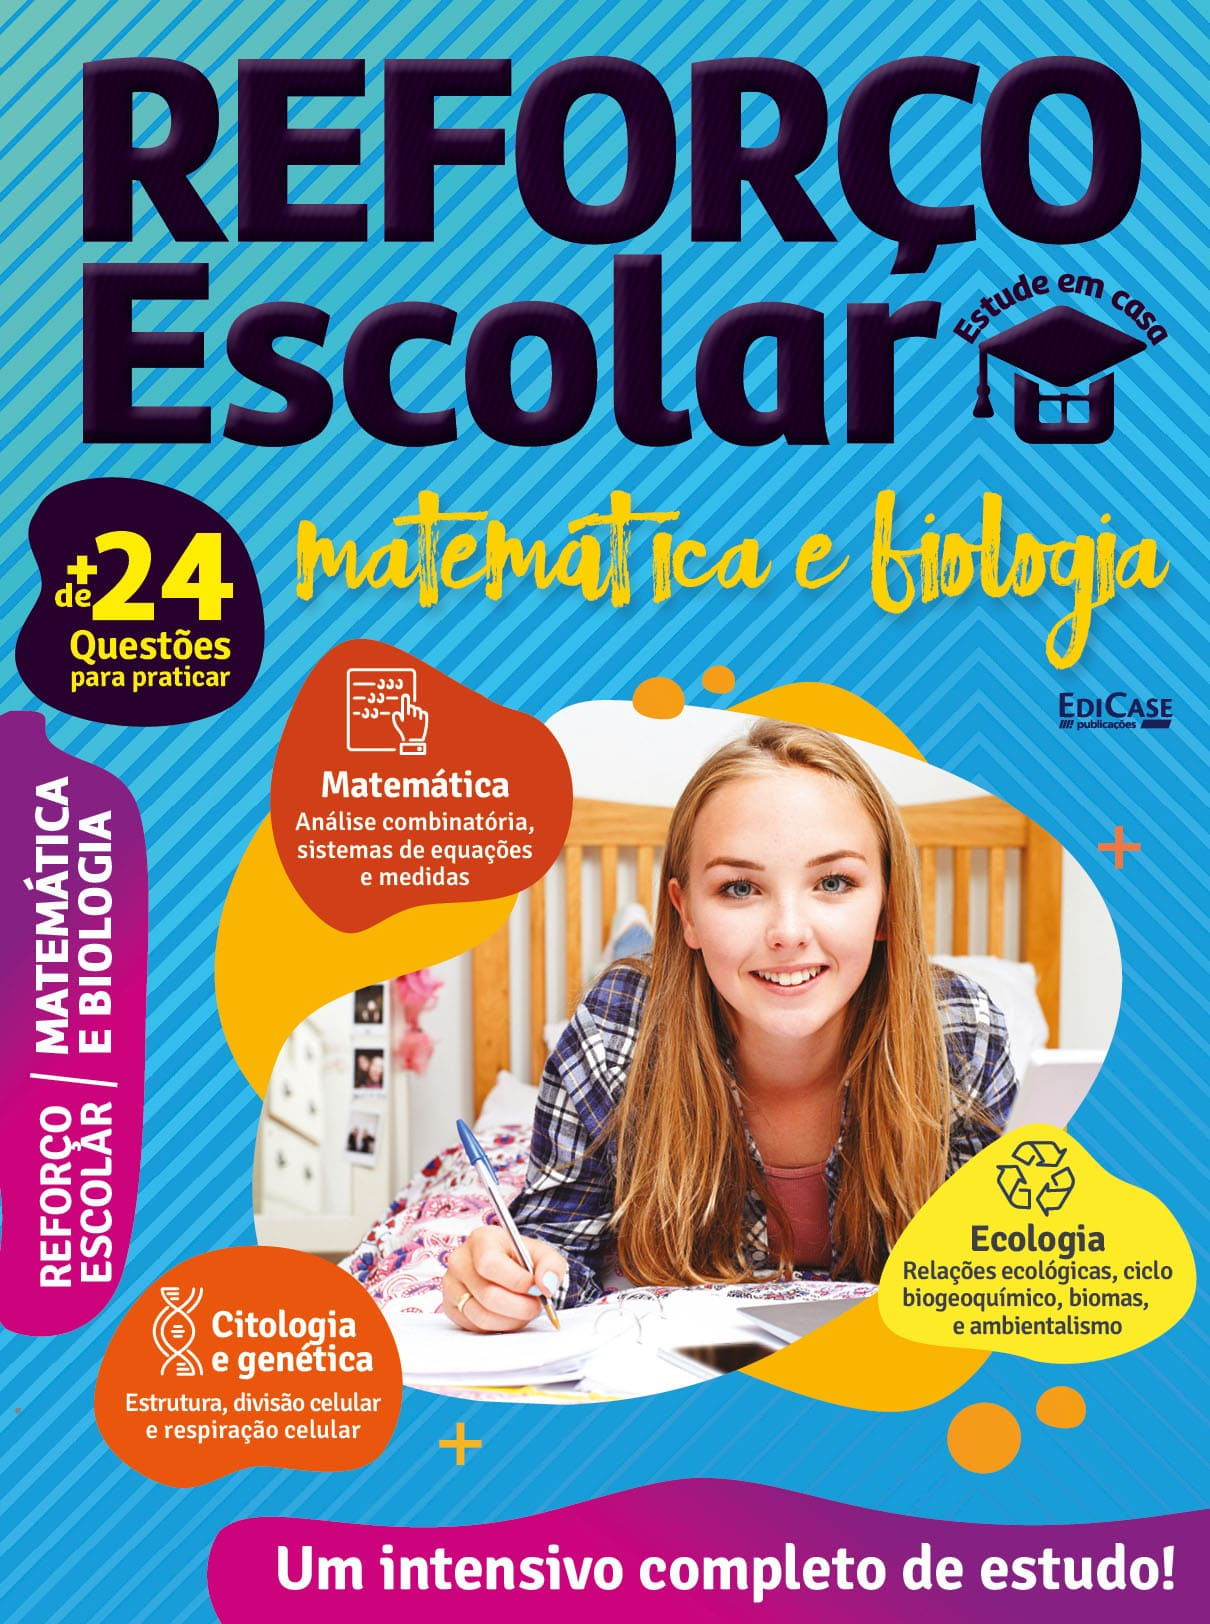 Reforço Escolar - Estude em Casa Ed. 02 - Matemática e Biologia  - EdiCase Publicações